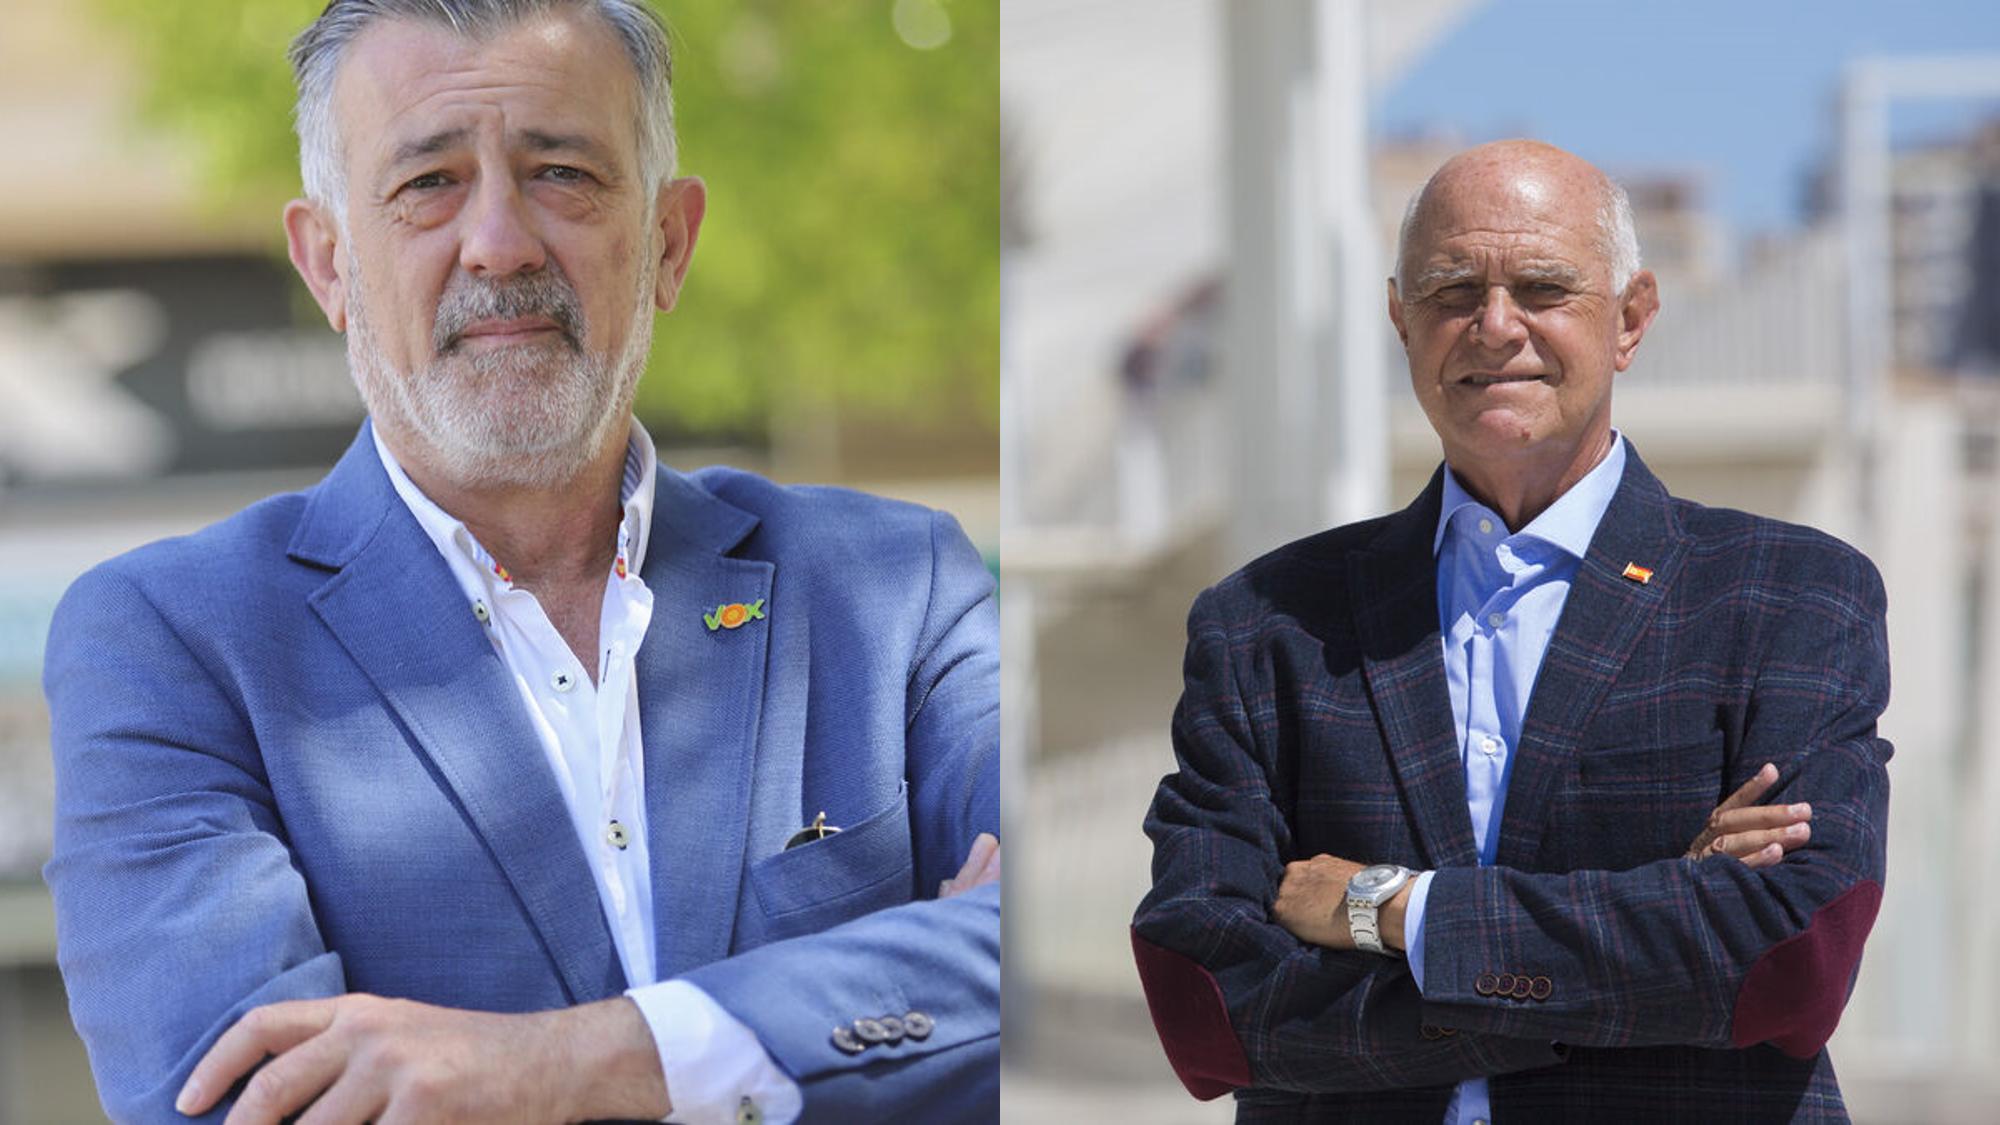 El Comité Electoral nacional de Vox interviene la campaña en Málaga con medidas de excepción